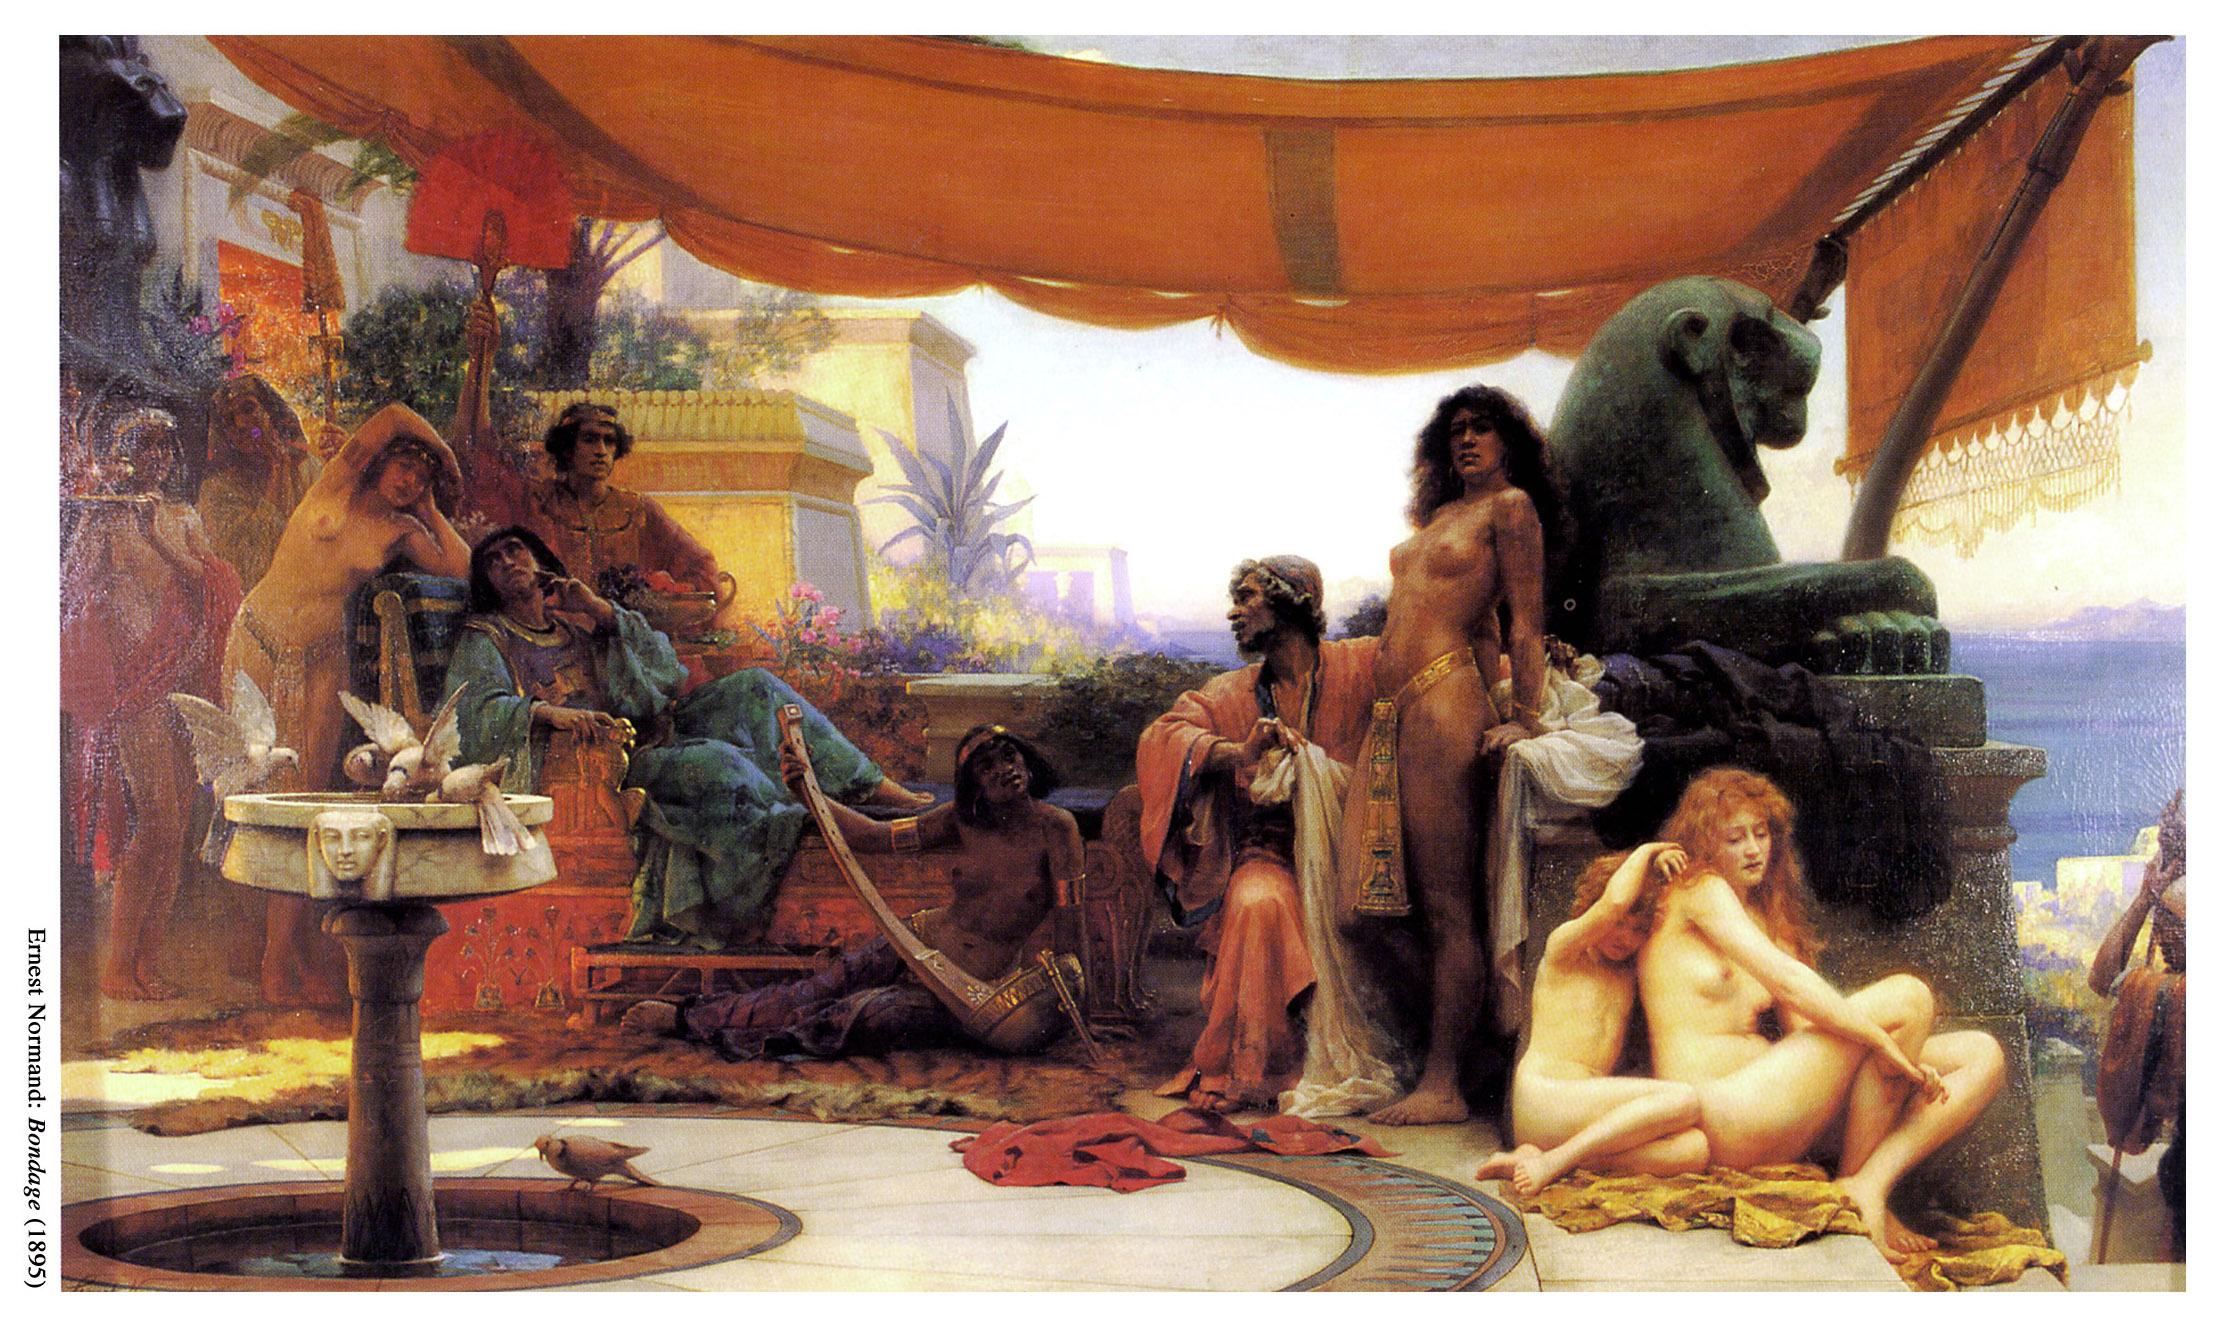 Секс в римской империи 17 фотография